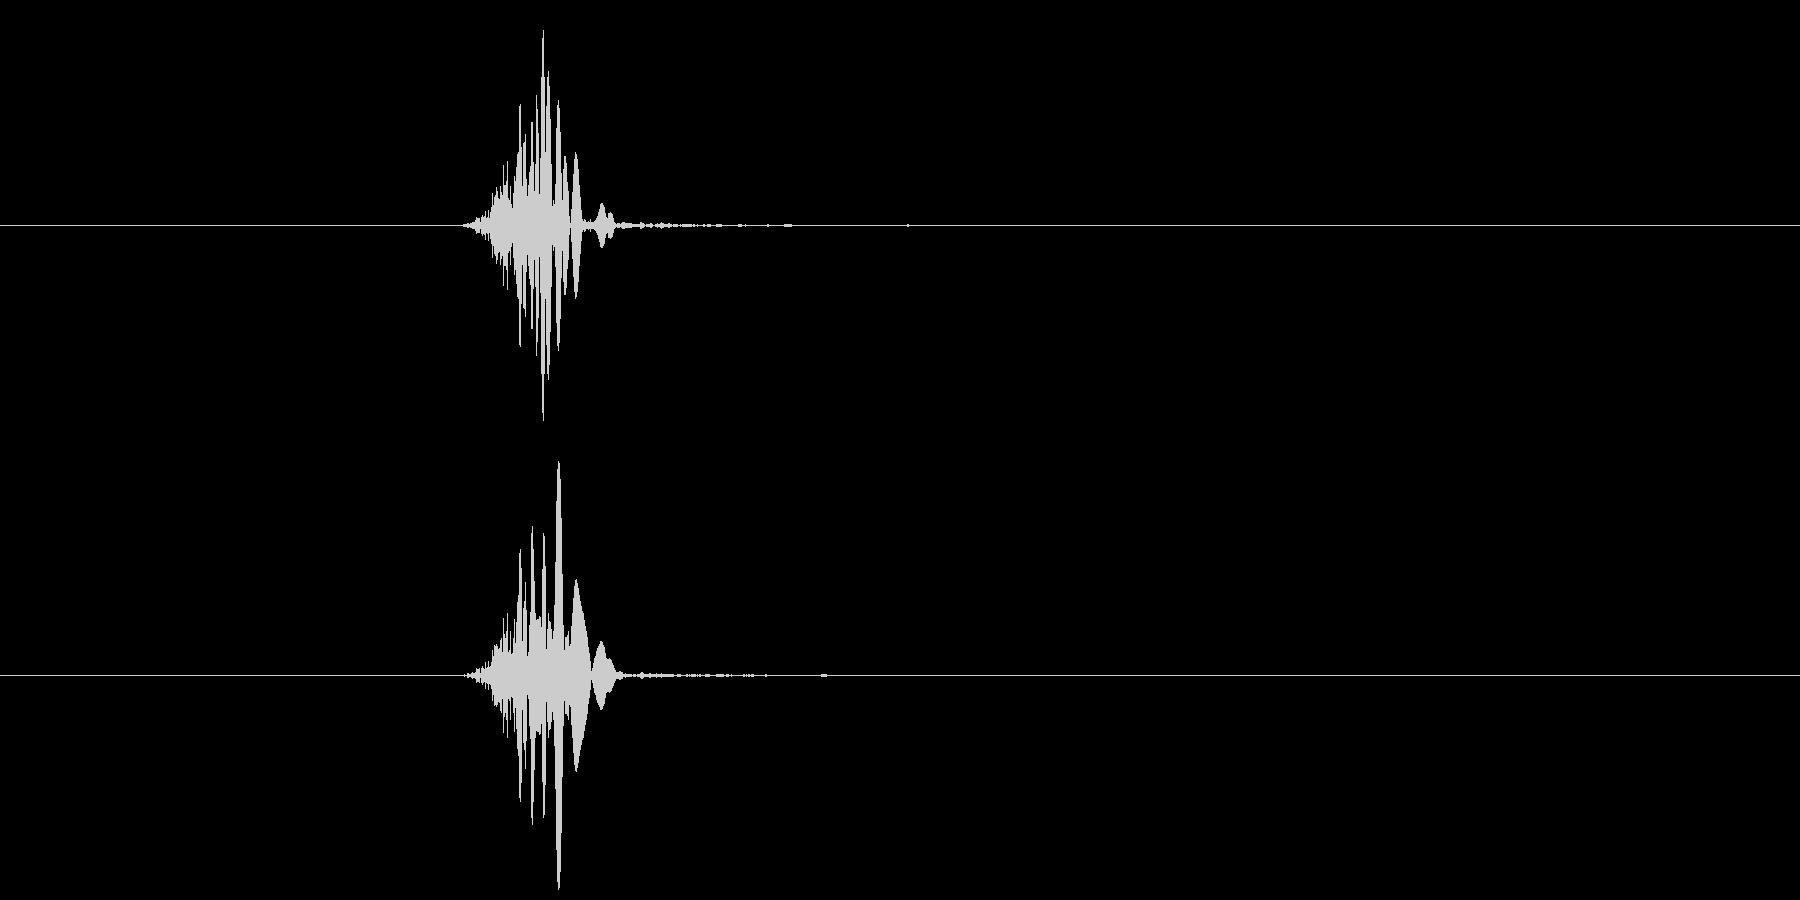 空振り、風切り音2の未再生の波形